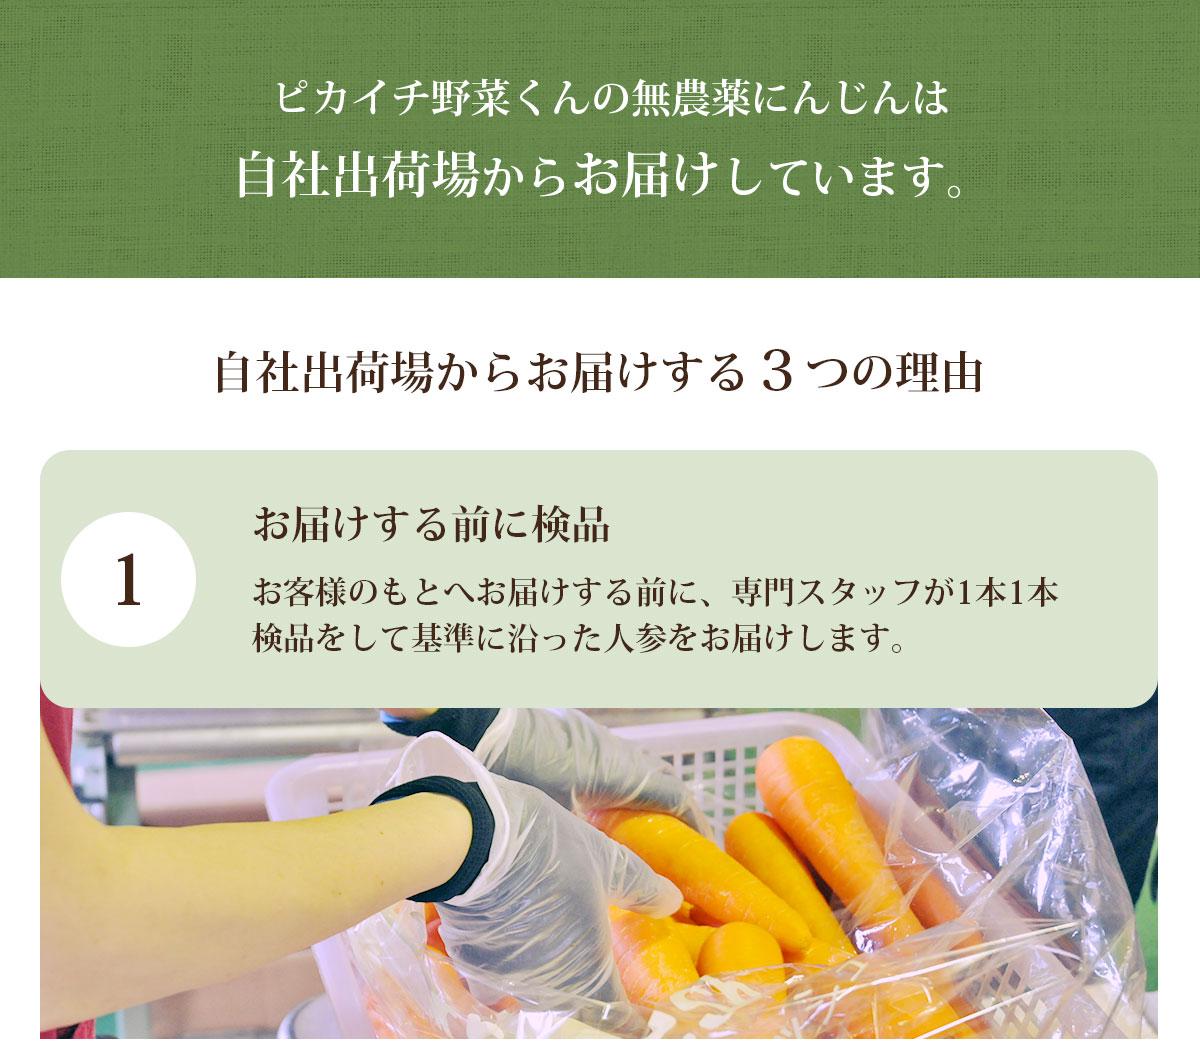 正品 無農薬人参10kg 農薬・化学肥料不使用栽培 人参ジュース にんじんジュース